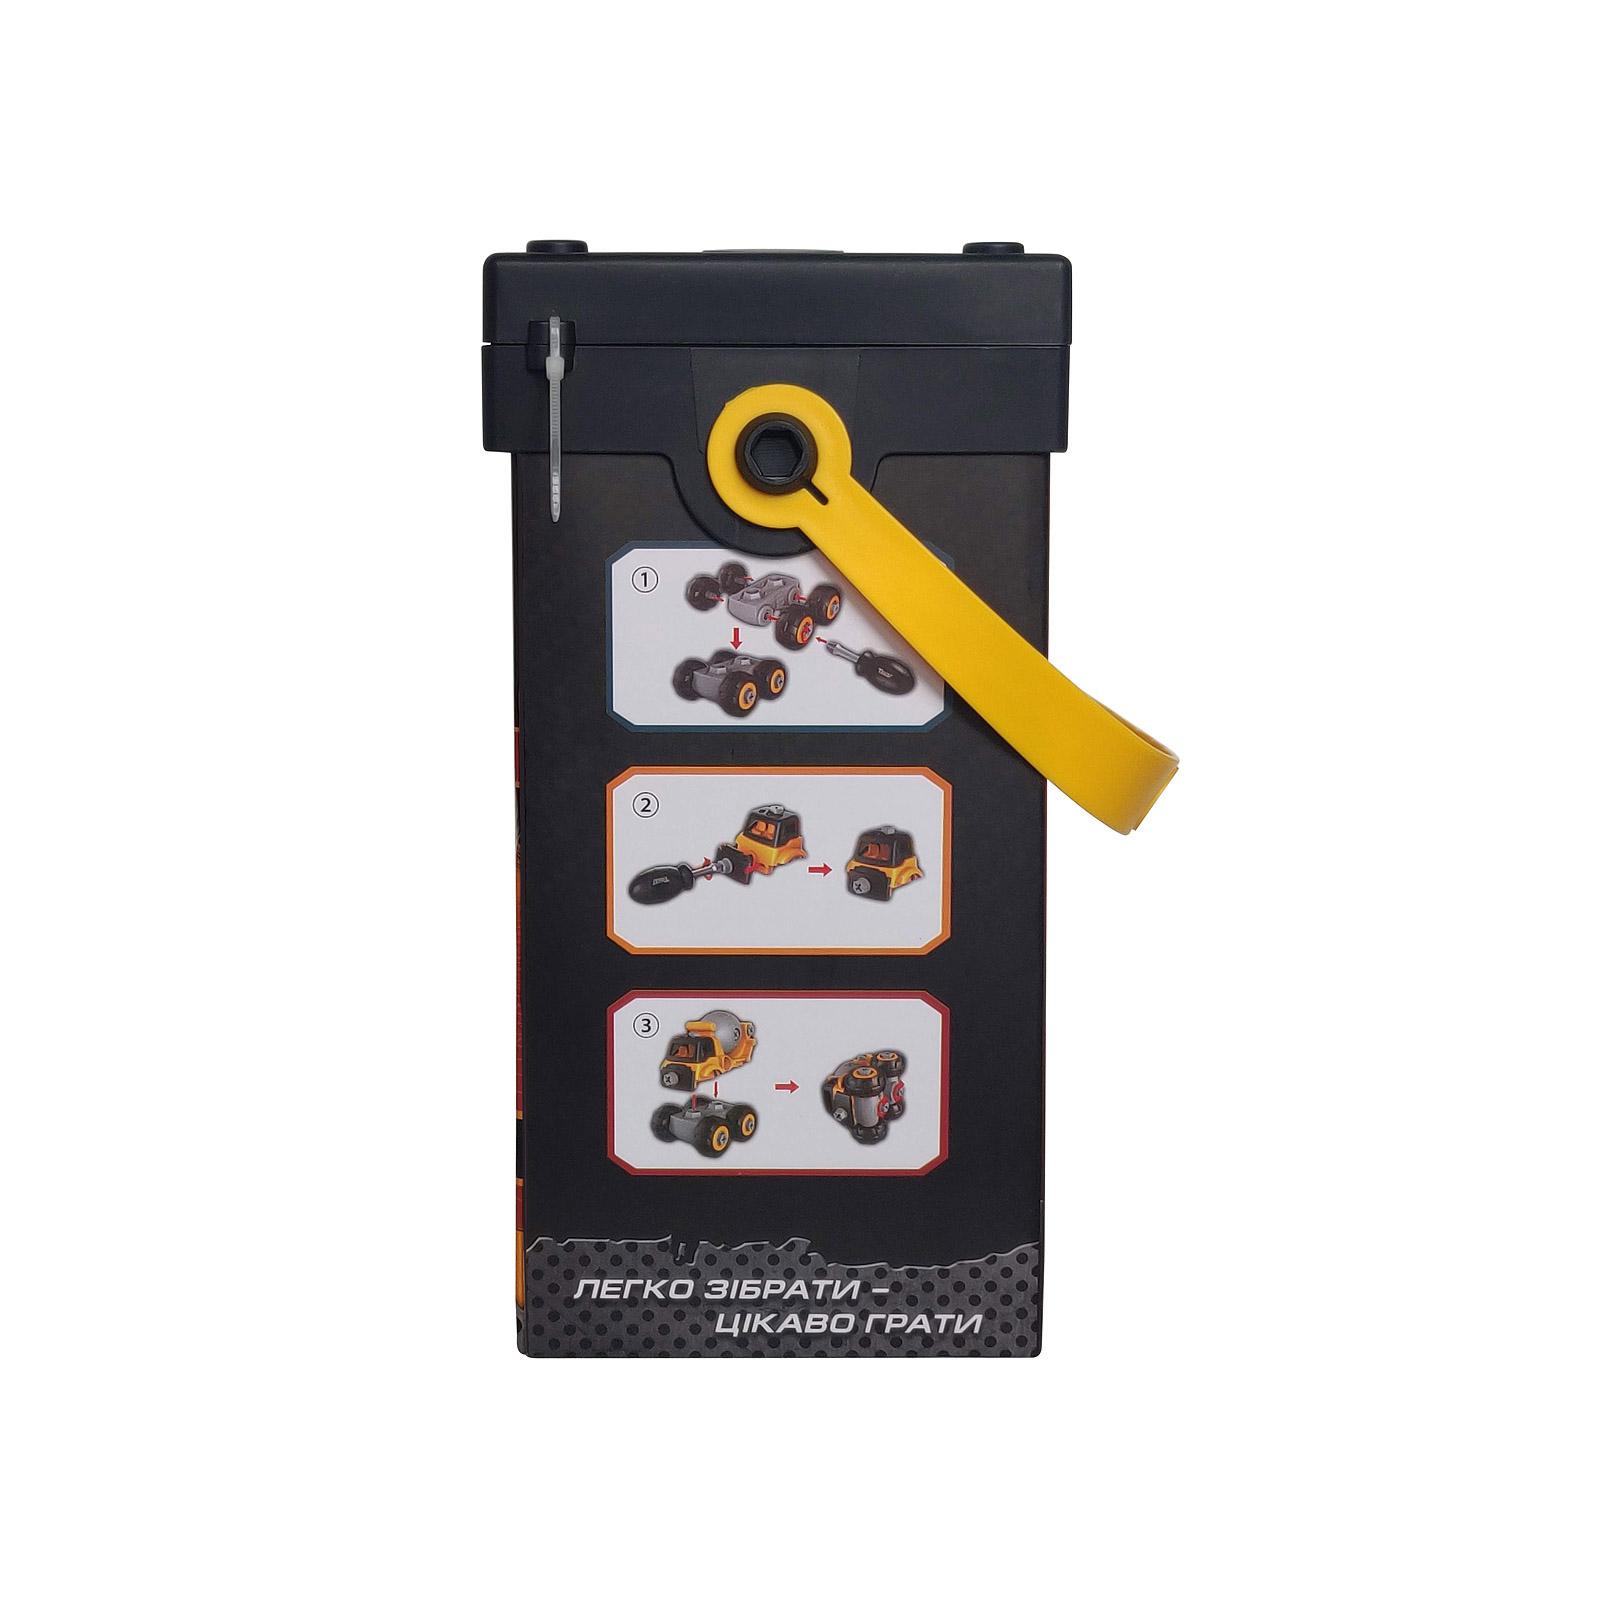 Конструктор Microlab Toys Строительная техника - бетономешалка (MT8908) изображение 4